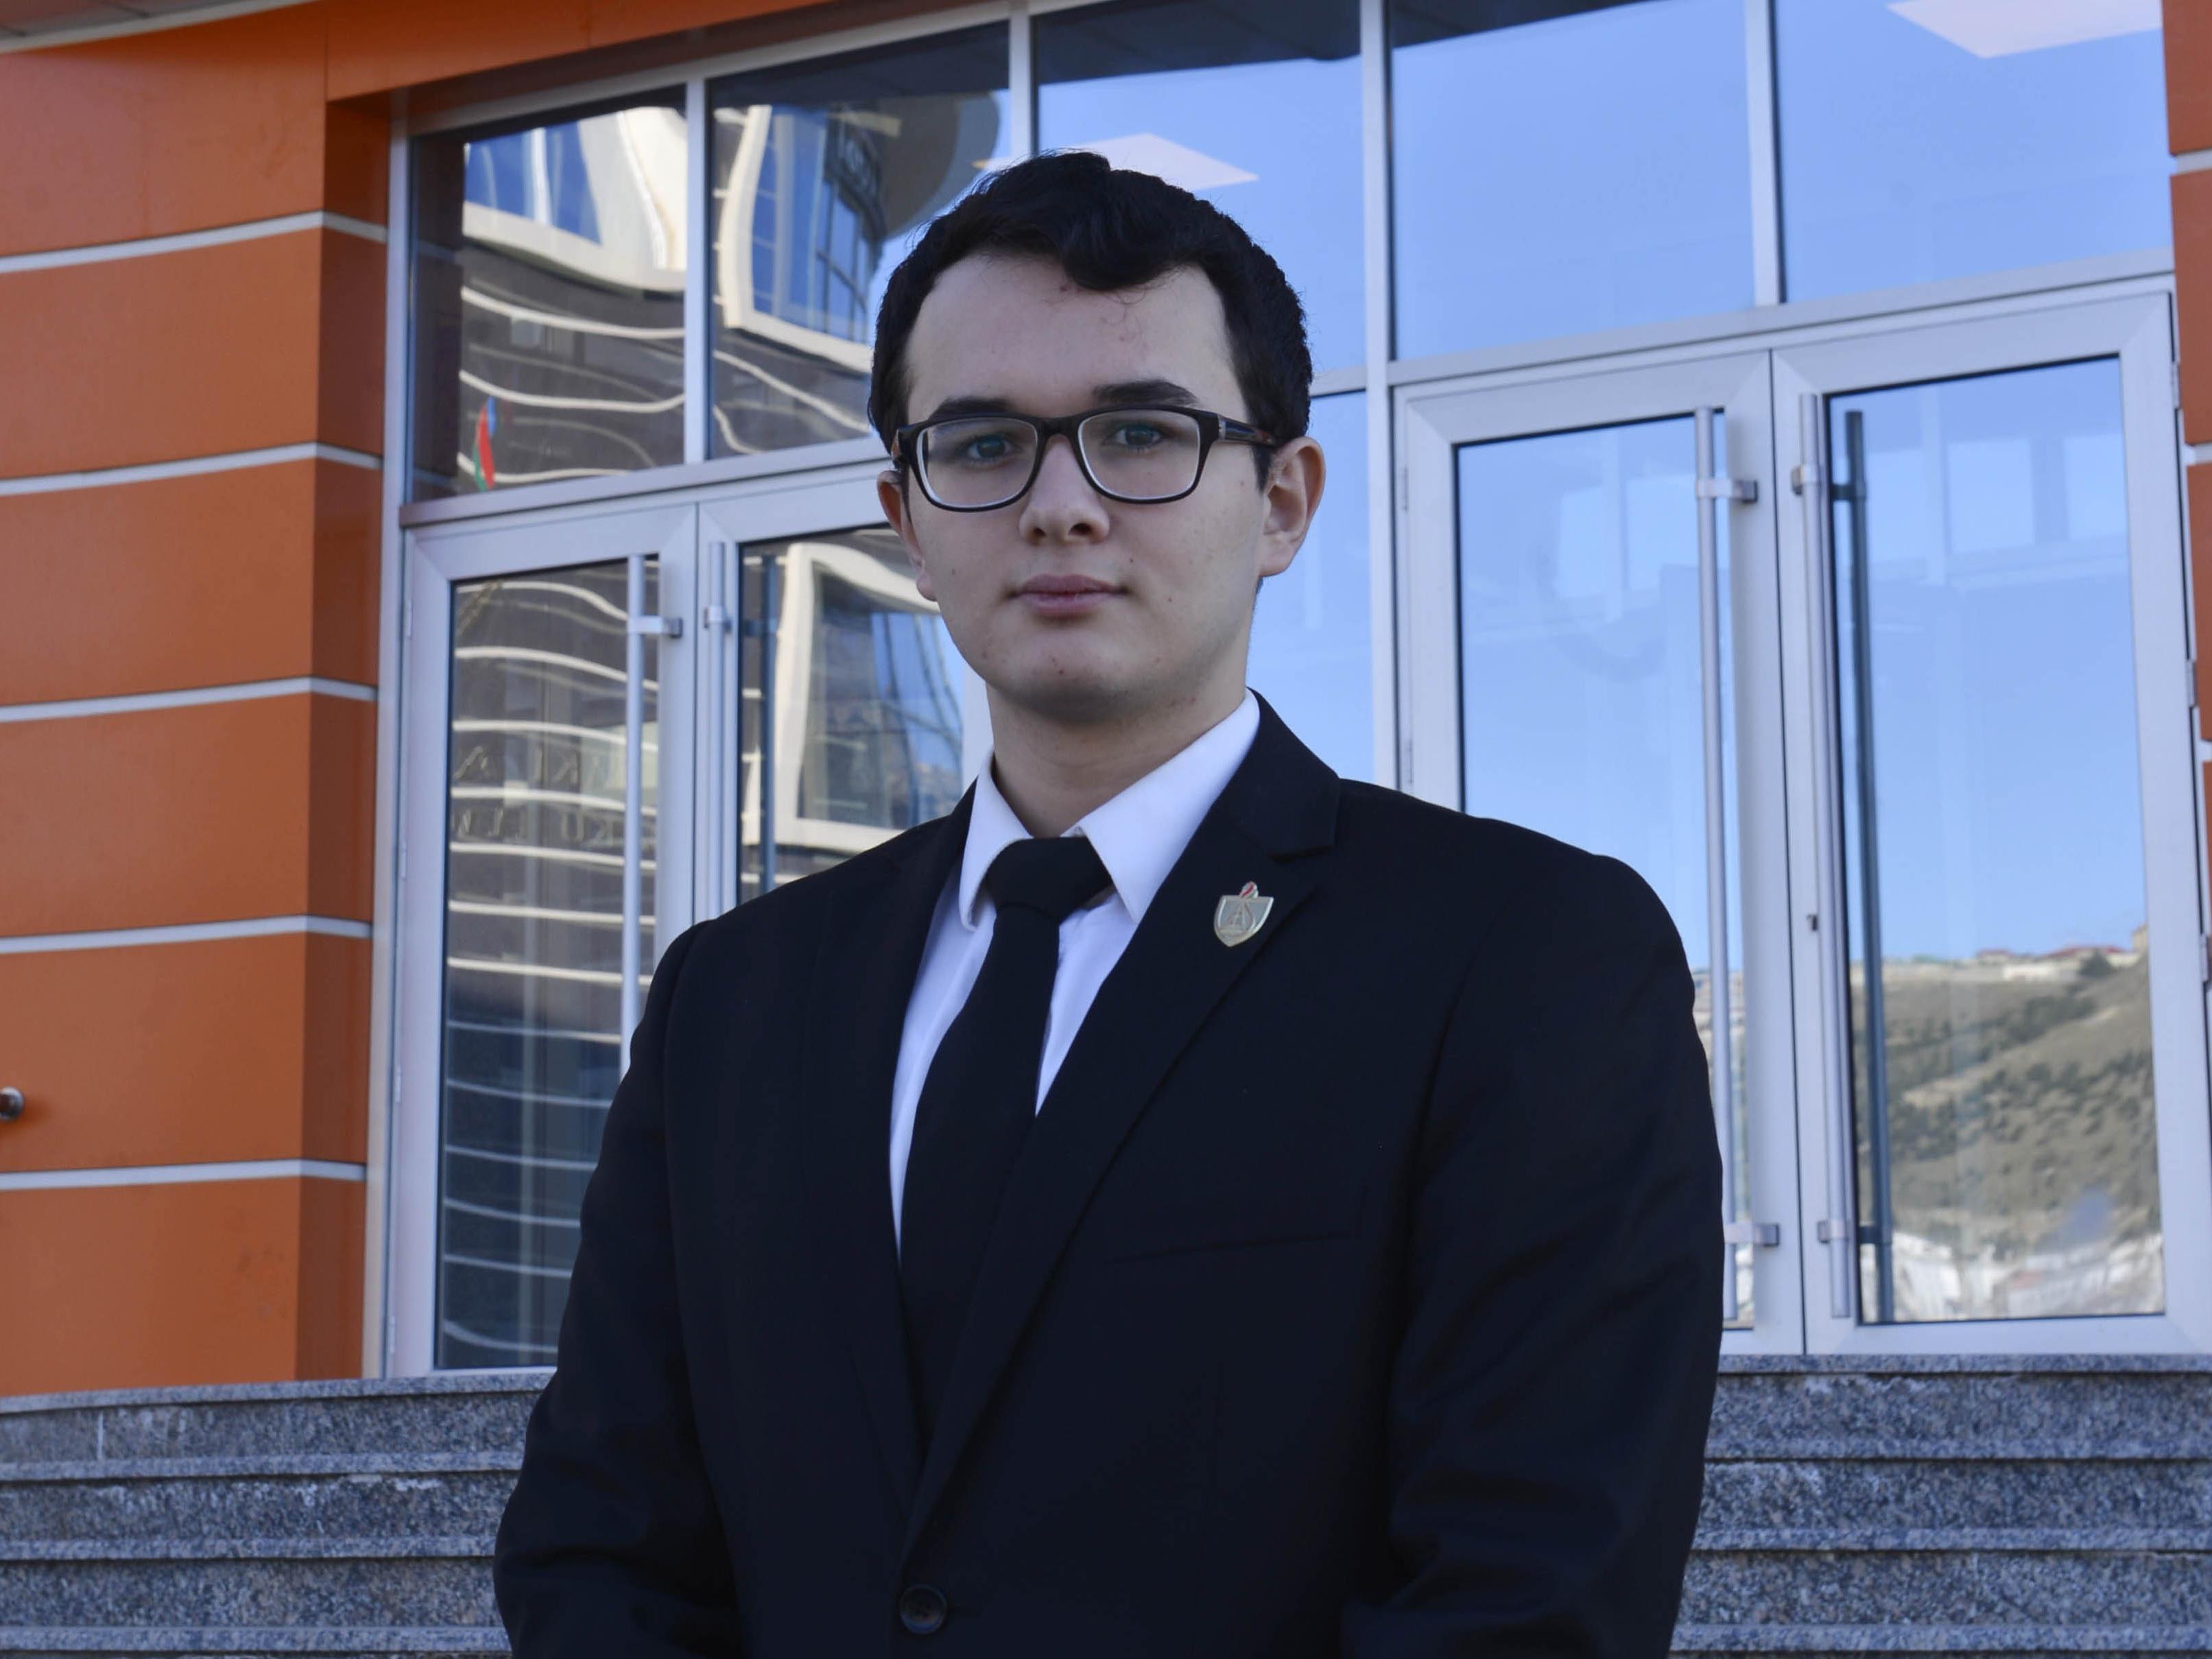 Студент БВШН примет участие в запуске спутника Azerspace-2